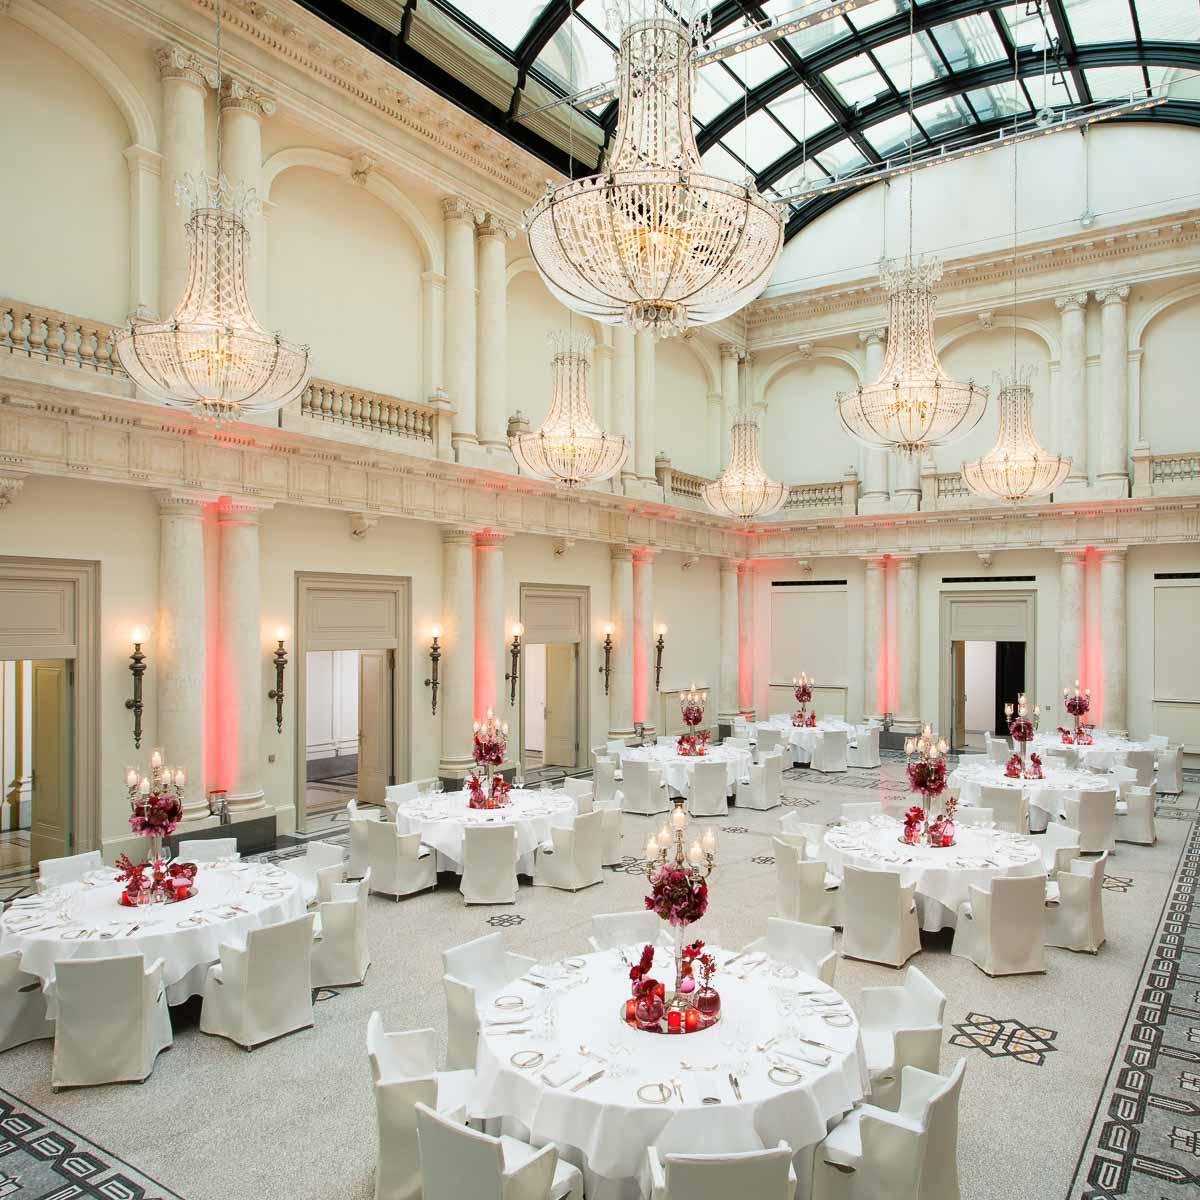 Ballsaal im Hotel de Rome Unter den Linden in Berlin Mitte